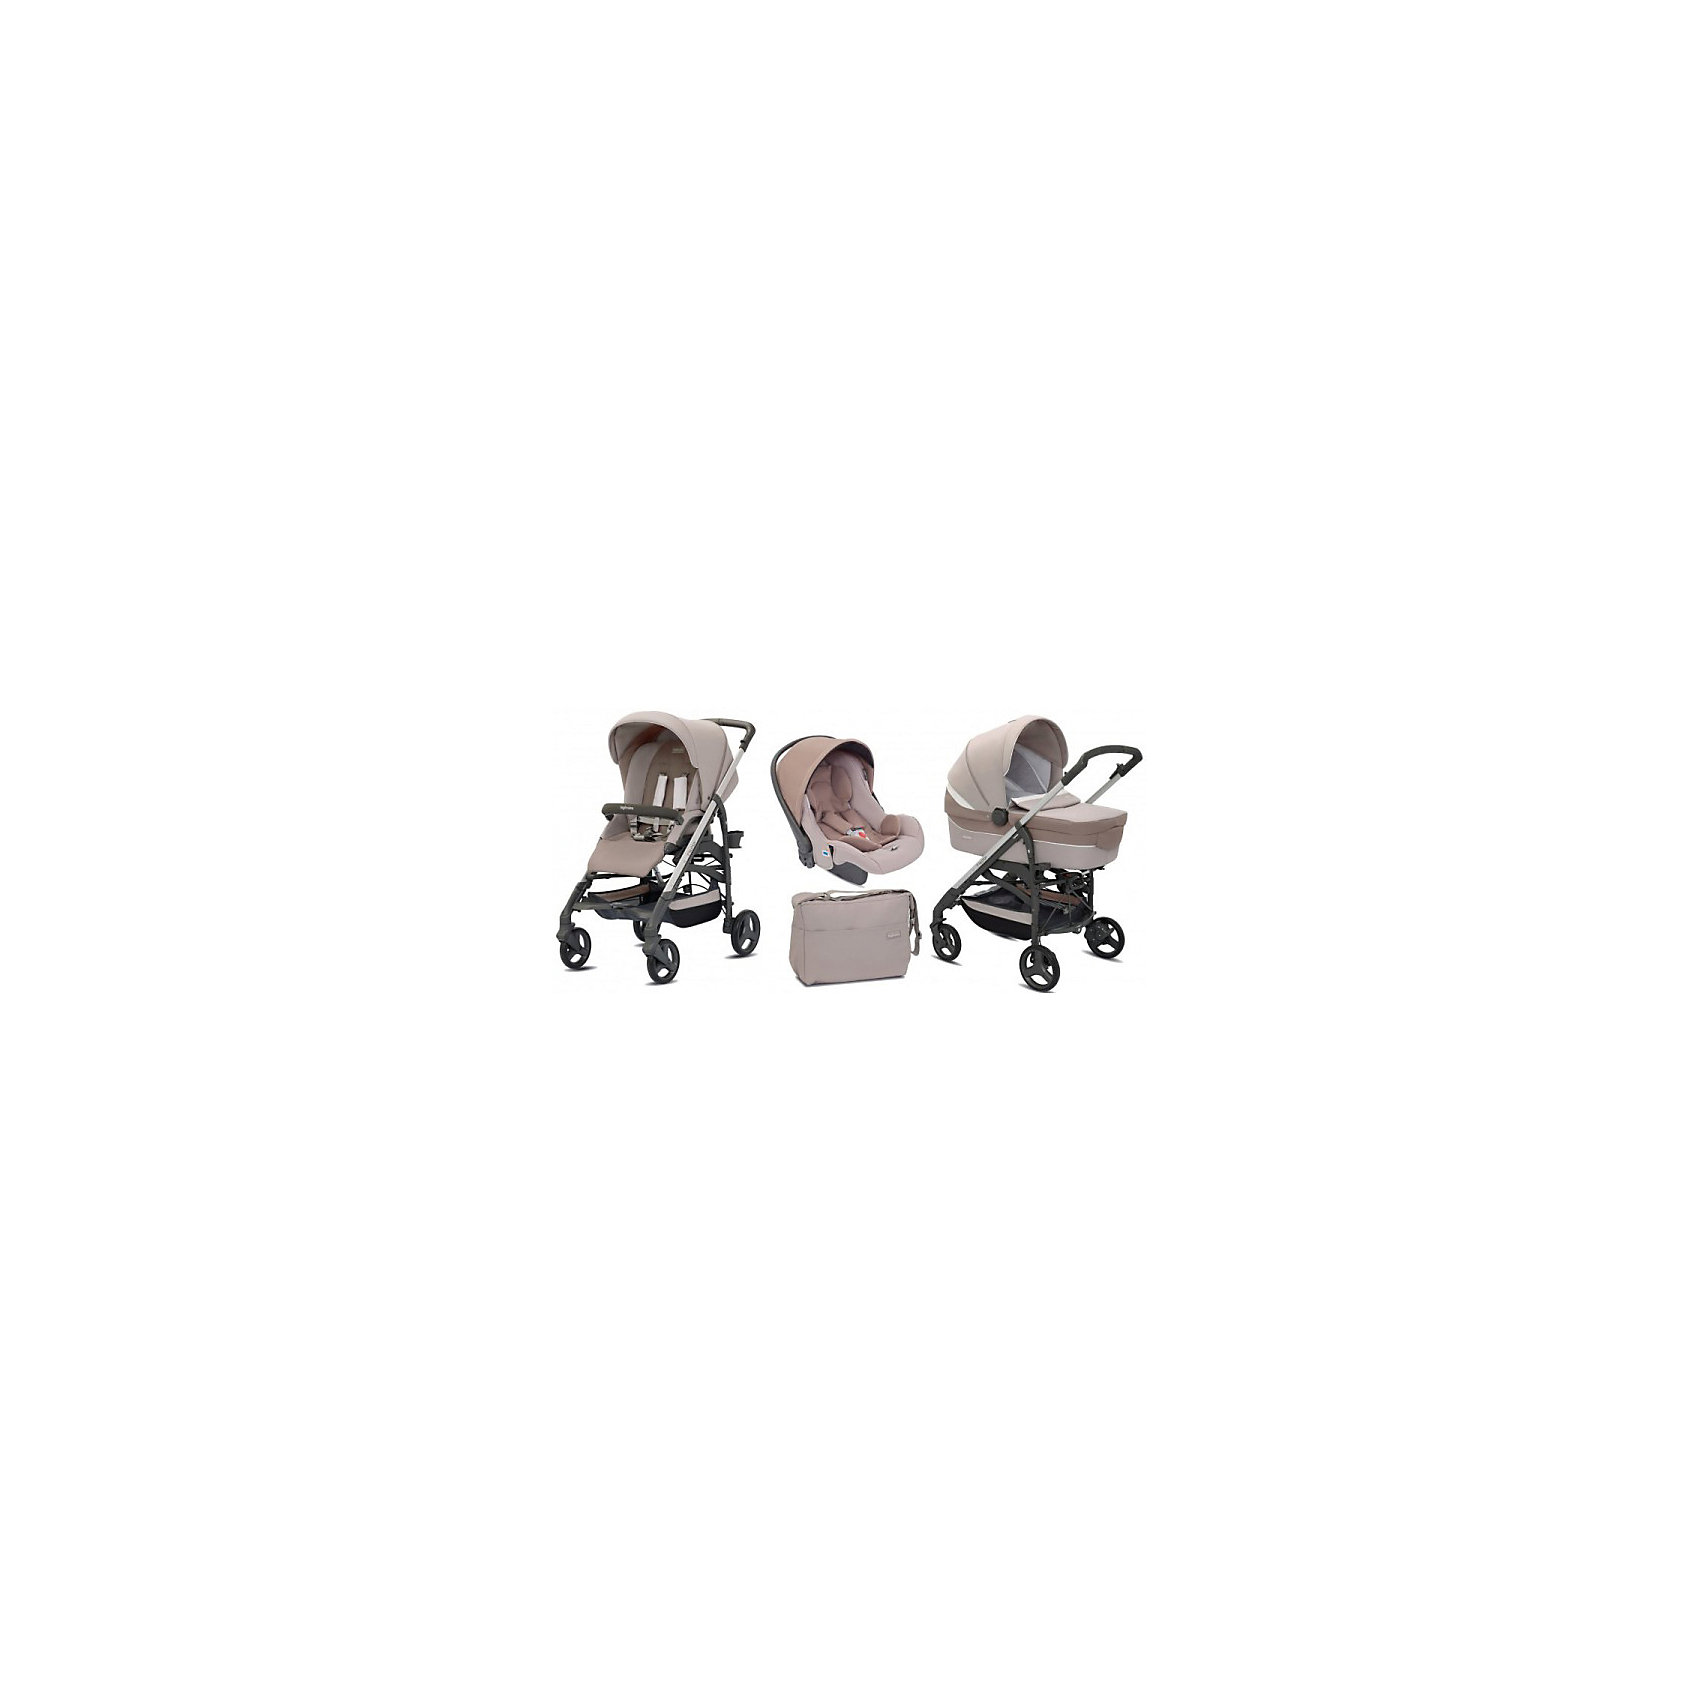 Коляска 3 в 1 Inglesina TrilogySystem,Ecru, на шассиTrilogySlateКоляски 3 в 1<br>Коляска 3 в 1TrilogySystem, Inglesina - уникальная модель, в которой продумана каждая мелочь. Она походит тем родителям, которые решили обеспечить своего малыша всеми возможными транспортными средствами на будущее. Прочная стальная рама с системой амортизации, делающая ход коляски плавным, оснащена передними поворотными колесами прекрасно подходящими для всех видов грунта. На шасси можно расположить люльку для младенца, прогулочный блок или автокресло. Система монтажа Easy Clips очень быстрая и удобная - нужная комплектация устанавливается в считанные минуты. Люлька с просторным ложем оснащена системой вентиляции, все текстильные элементы выполнены из высококачественных гипоаллергенных материалов. Спинку можно приподнять и опустить. В капюшоне – окошко для циркуляции воздуха.<br>Прогулочный блок оснащен ремнями безопасности. Спинка и подножка раскрываются до 175?, превращаясь в полноценное спальное место для крохи. <br><br>Дополнительная информация:<br><br>- Материал: текстиль, сталь, резина, пластик.<br>- 4 колеса: итые, резиновые, с подшипниками: передние – поворотные, с возможностью фиксации (рычаг блокировки расположен на раме).<br>- Диаметр колес: 17,5 см и 20,5 см.<br>- Система амортизации. <br>- Люлька на шасси: 112х56,5х86 см<br>- Шасси с прогулочным блоком в разложенном виде: 56,5x107x83 см<br>- Шасси с прогулочным блоком в сложенном виде: 36,5х97x48 см<br>- Размер автокресла: 55х42х68 см.<br>- Размер люльки: 62x47x86  см.<br>- Внутренний размер люльки:  22х34х74 см.<br>- Люлька: 2 положения спинки, ручка-переноска.<br>- Прогулочный блок: ремни безопасности, 3 положения спинки; 2 положения подножки, съемный бампер. <br>- В комплекте:  шасси, люлька, автокресло, прогулочный блок, накидка на ножки, дождевик, подстаканник, сумка для мамы.<br>- Вес автокресла: 4 кг.<br>- Вес люльки: 5,5 кг.<br>- Вес шасси с прогулочным блоком: 9,5 кг.<br><br>Коляску 3 в 1TrilogySystem, Inglesina (И